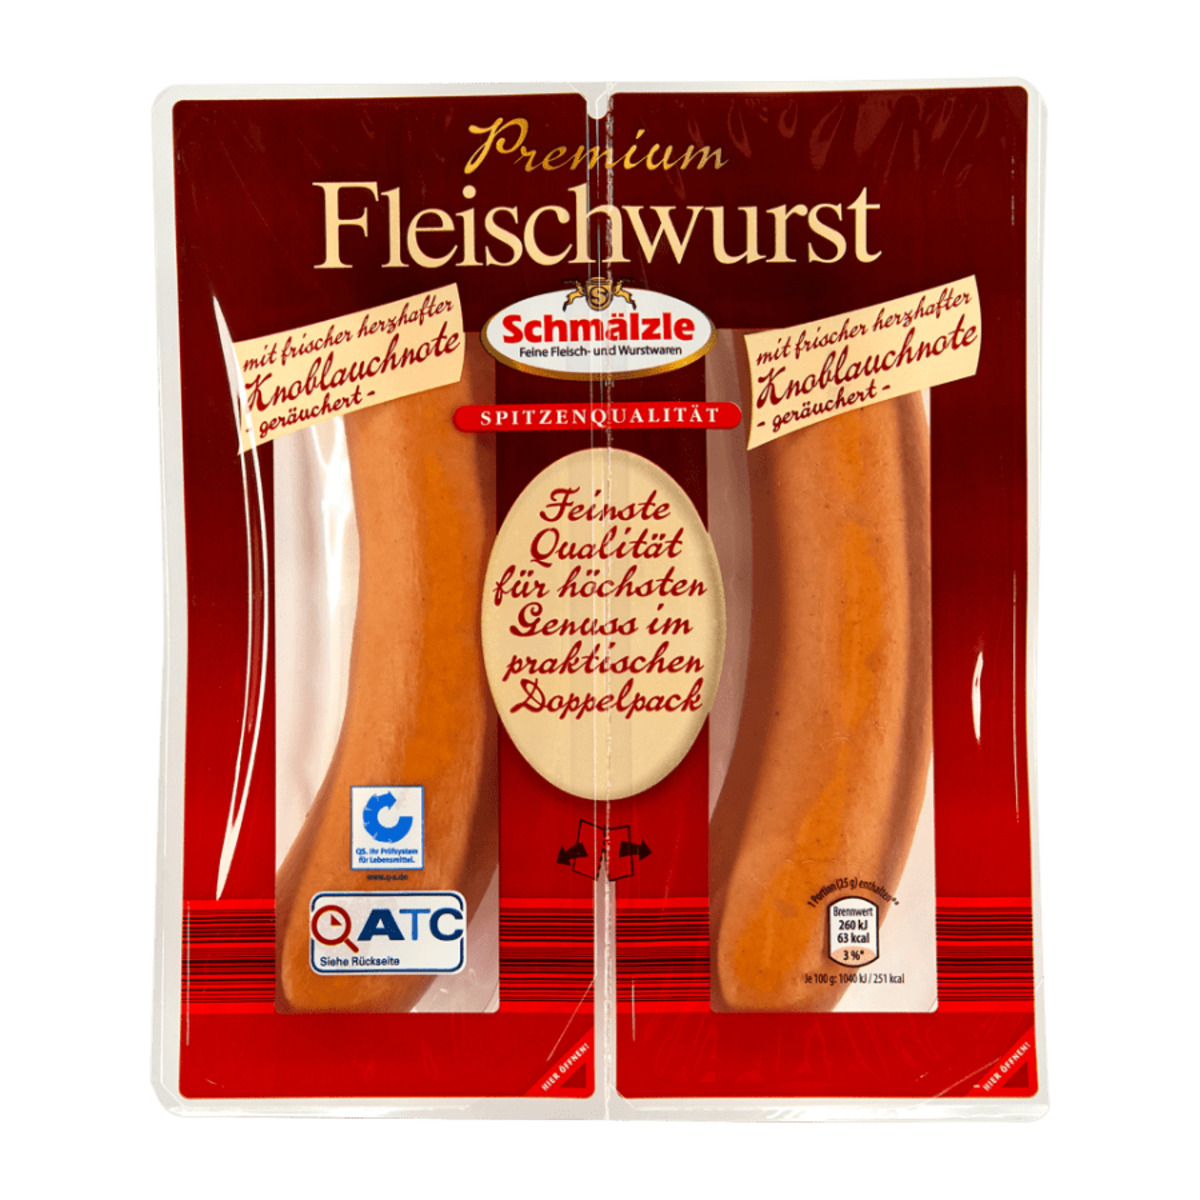 Bild 3 von Fleischwurst